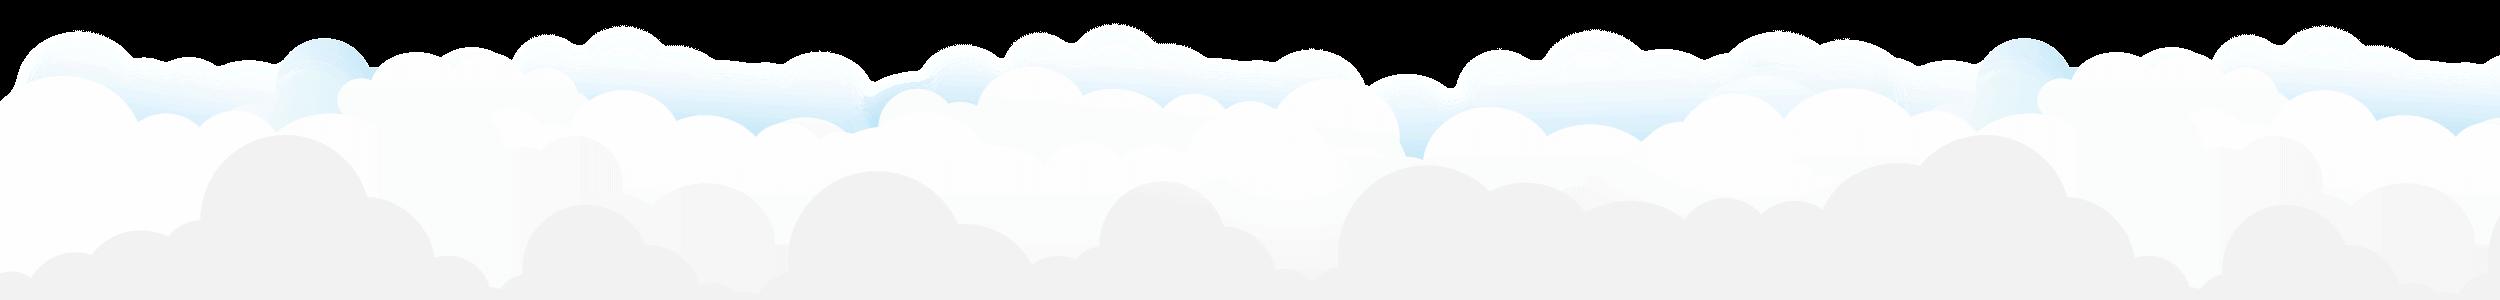 2X cloudssspngtop